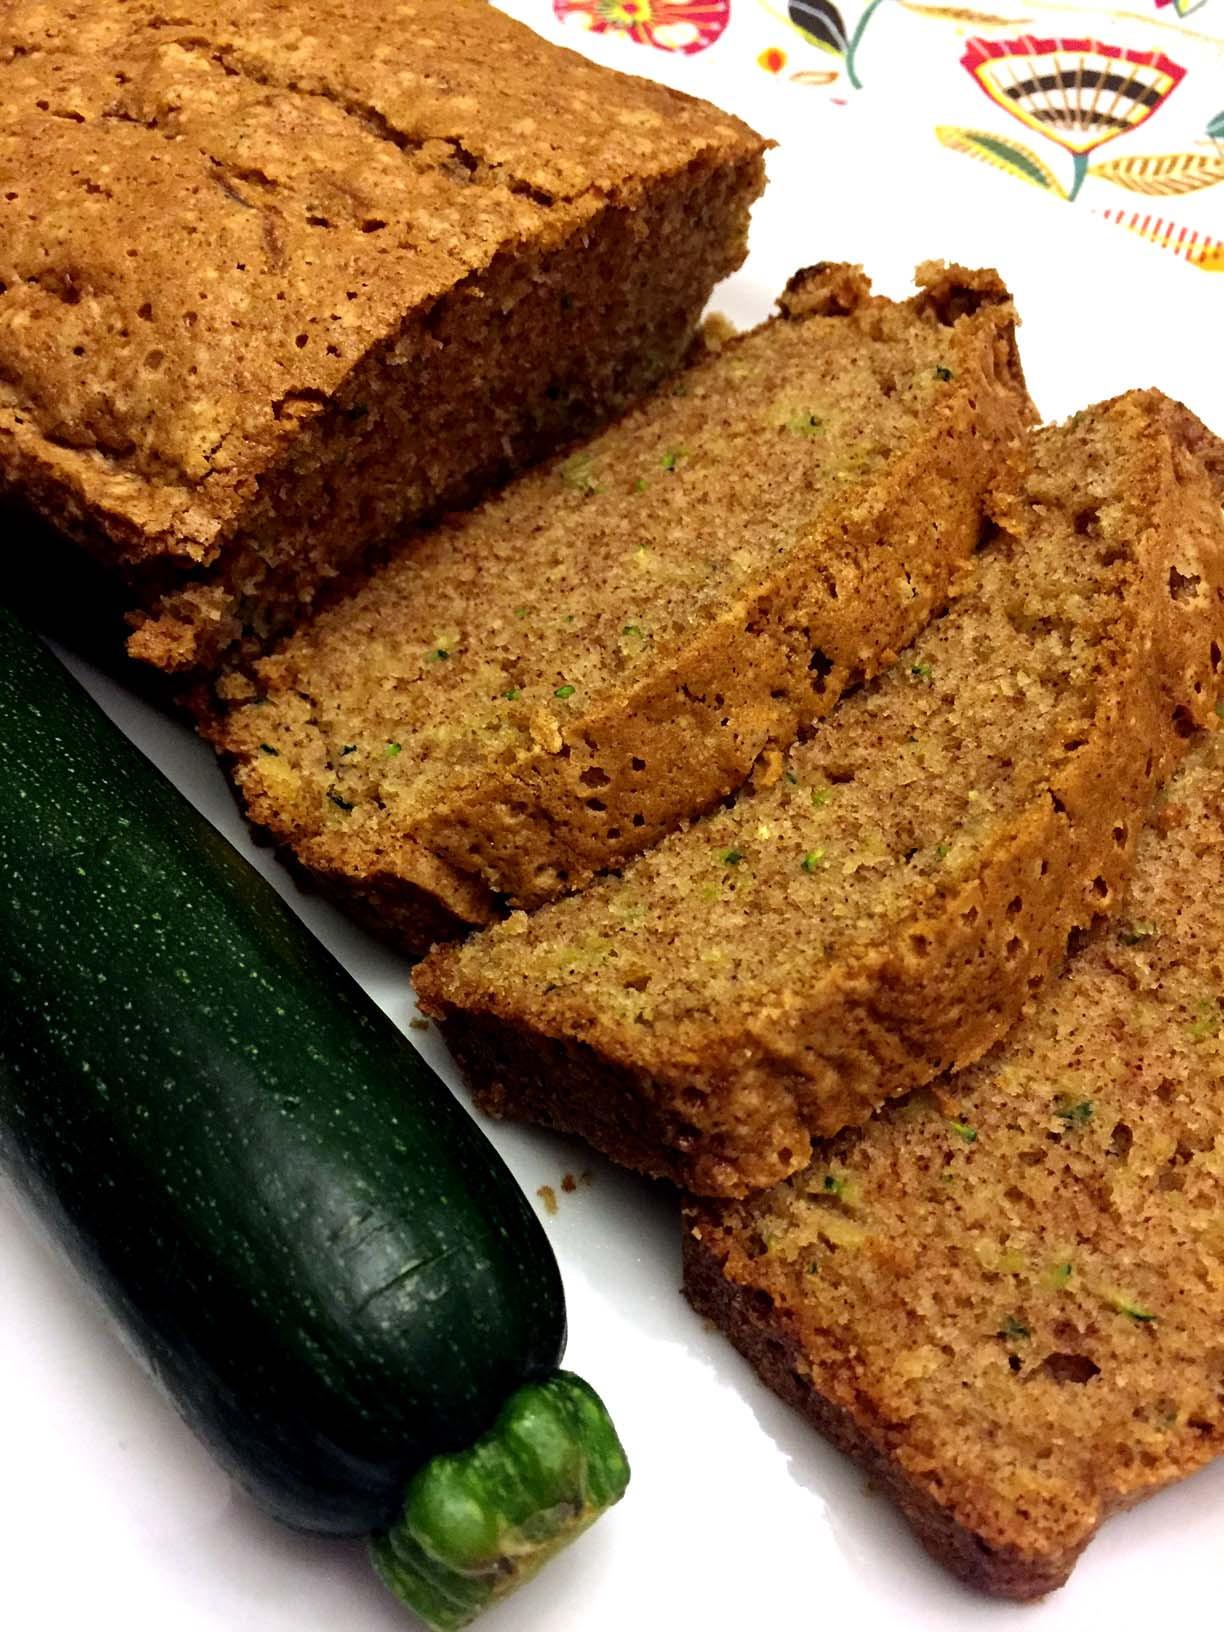 Zucchini Bread Recipes  Easy Zucchini Bread – Best Zucchini Bread Recipe Ever